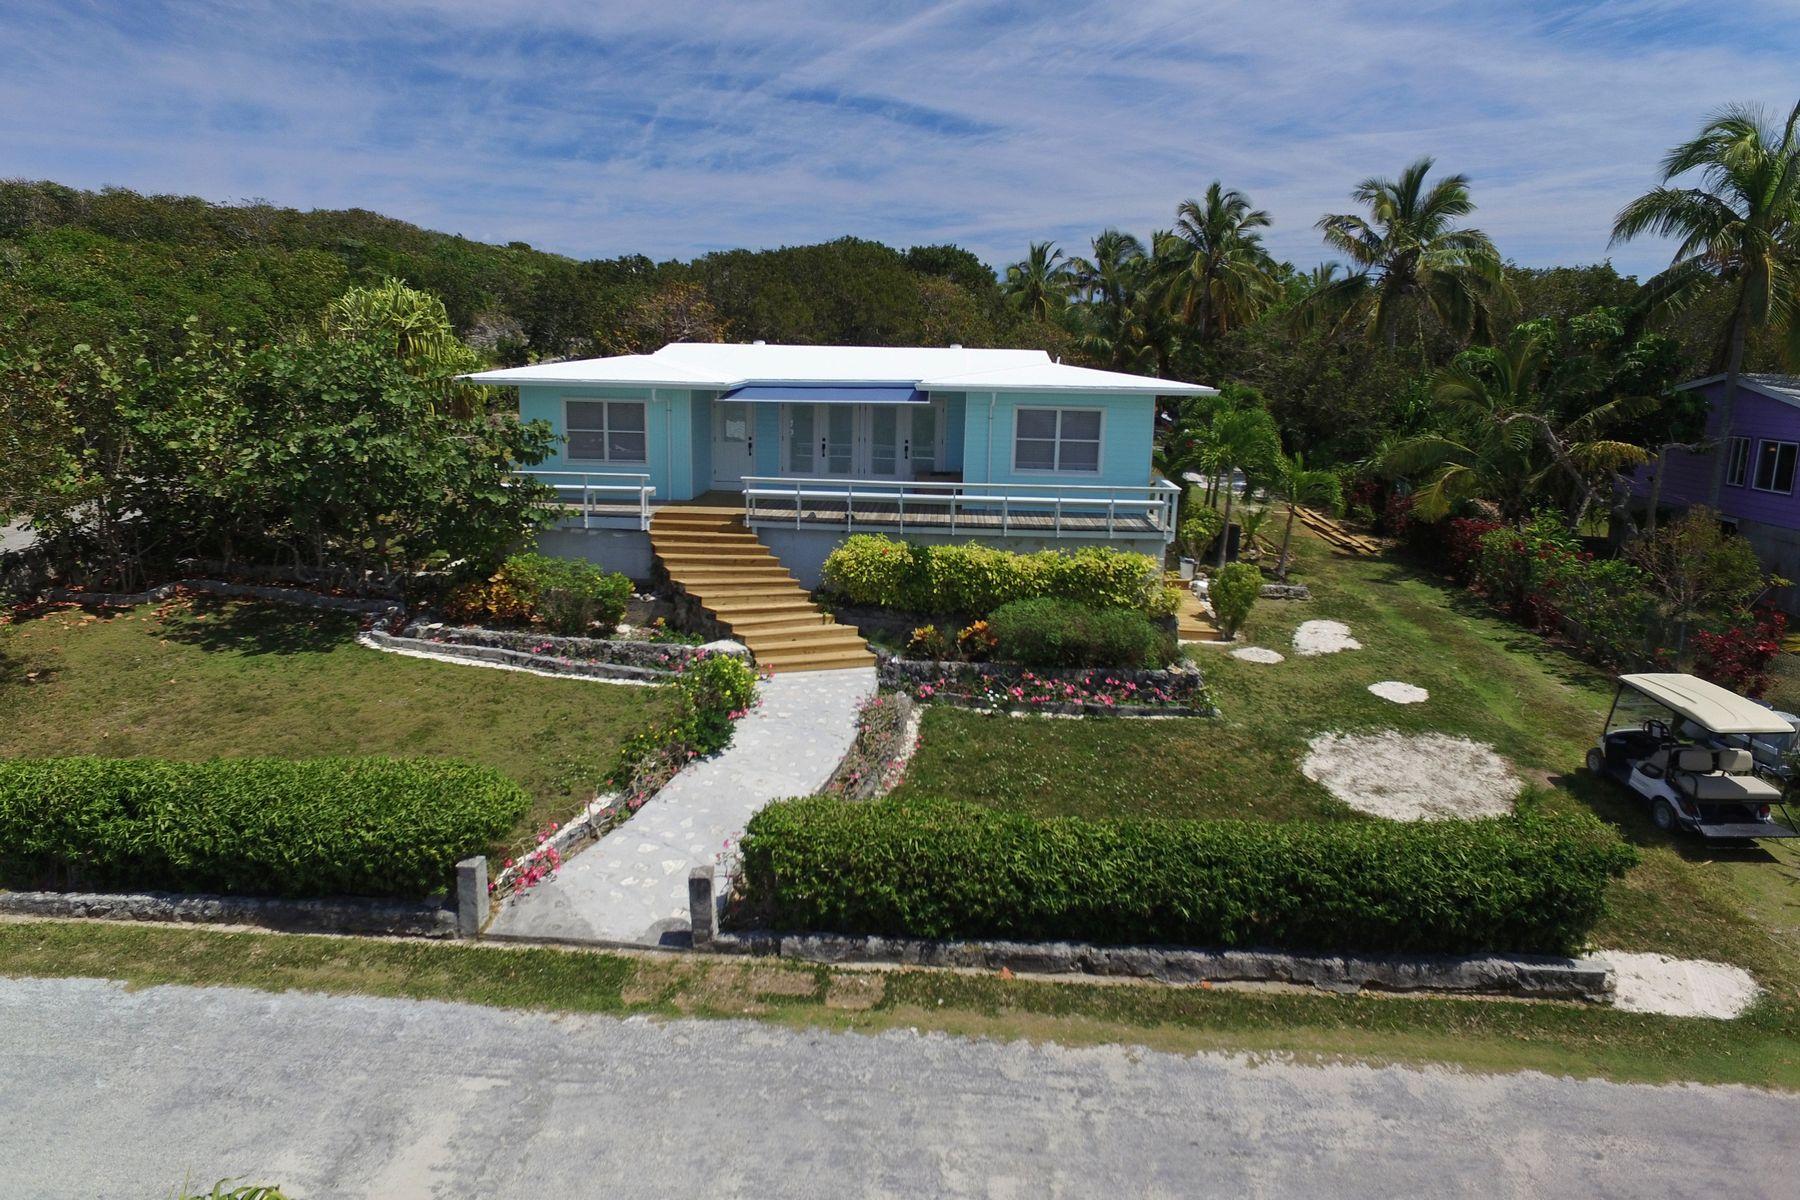 Propriété à vendre Elbow Cay Hope Town